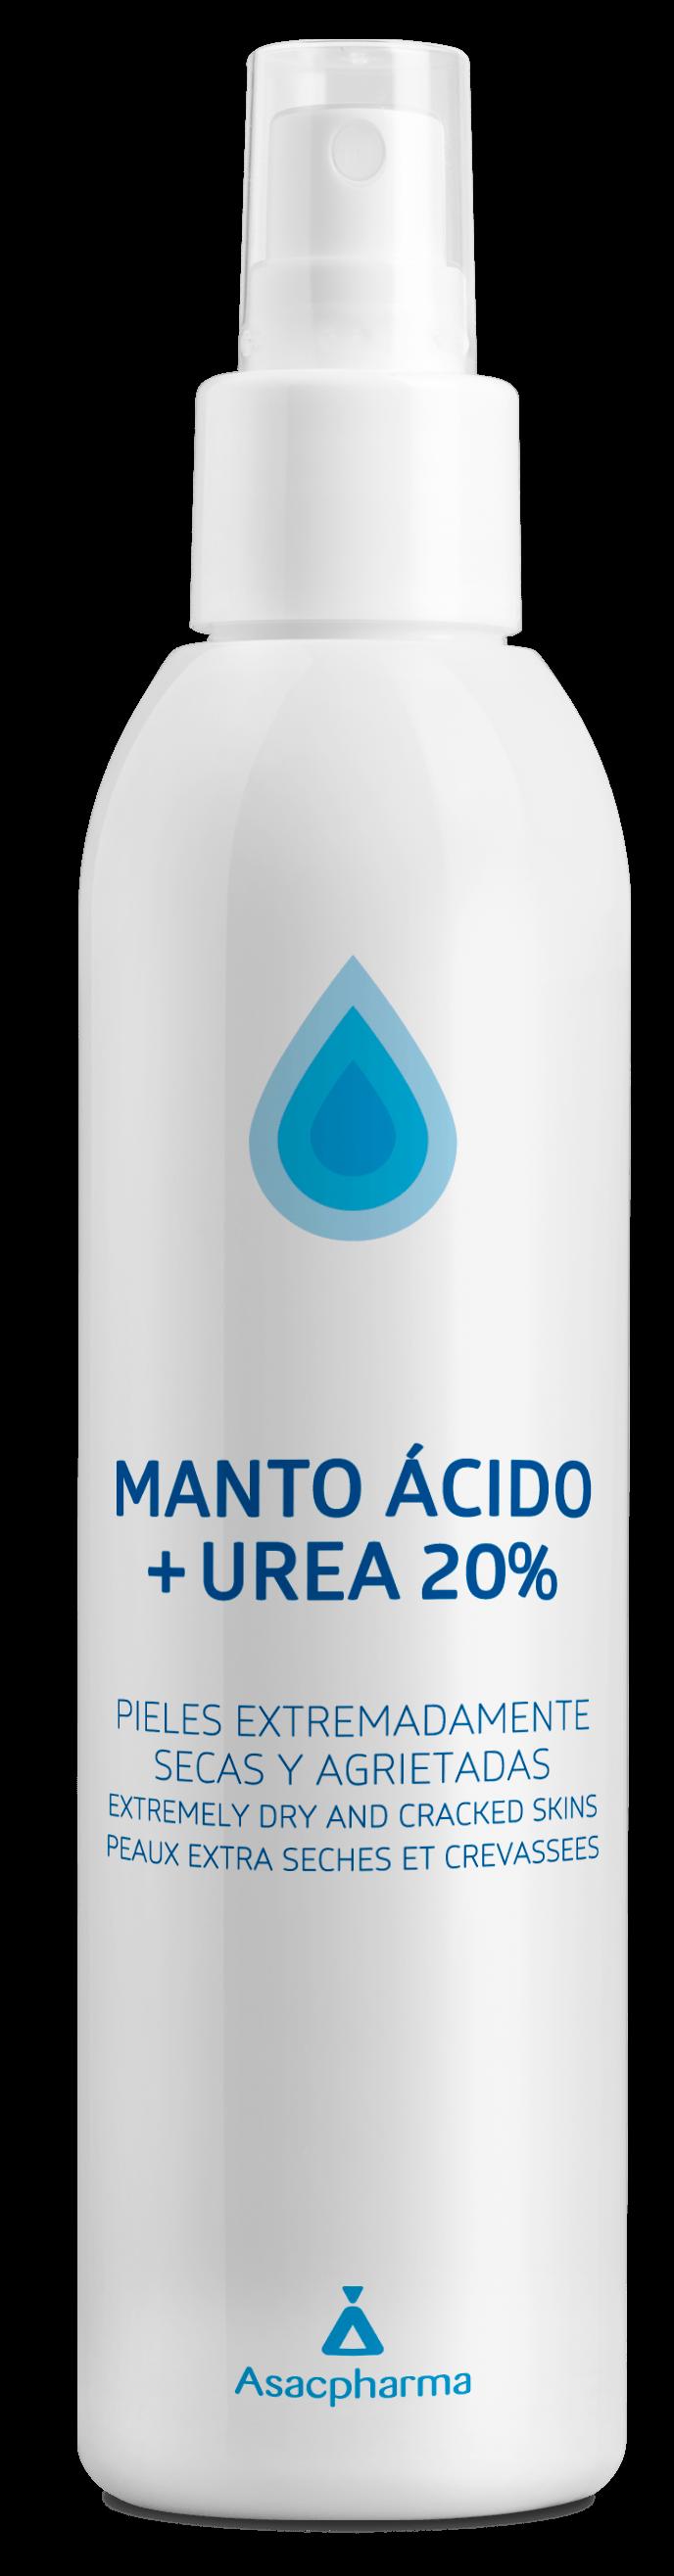 Manto ácido20